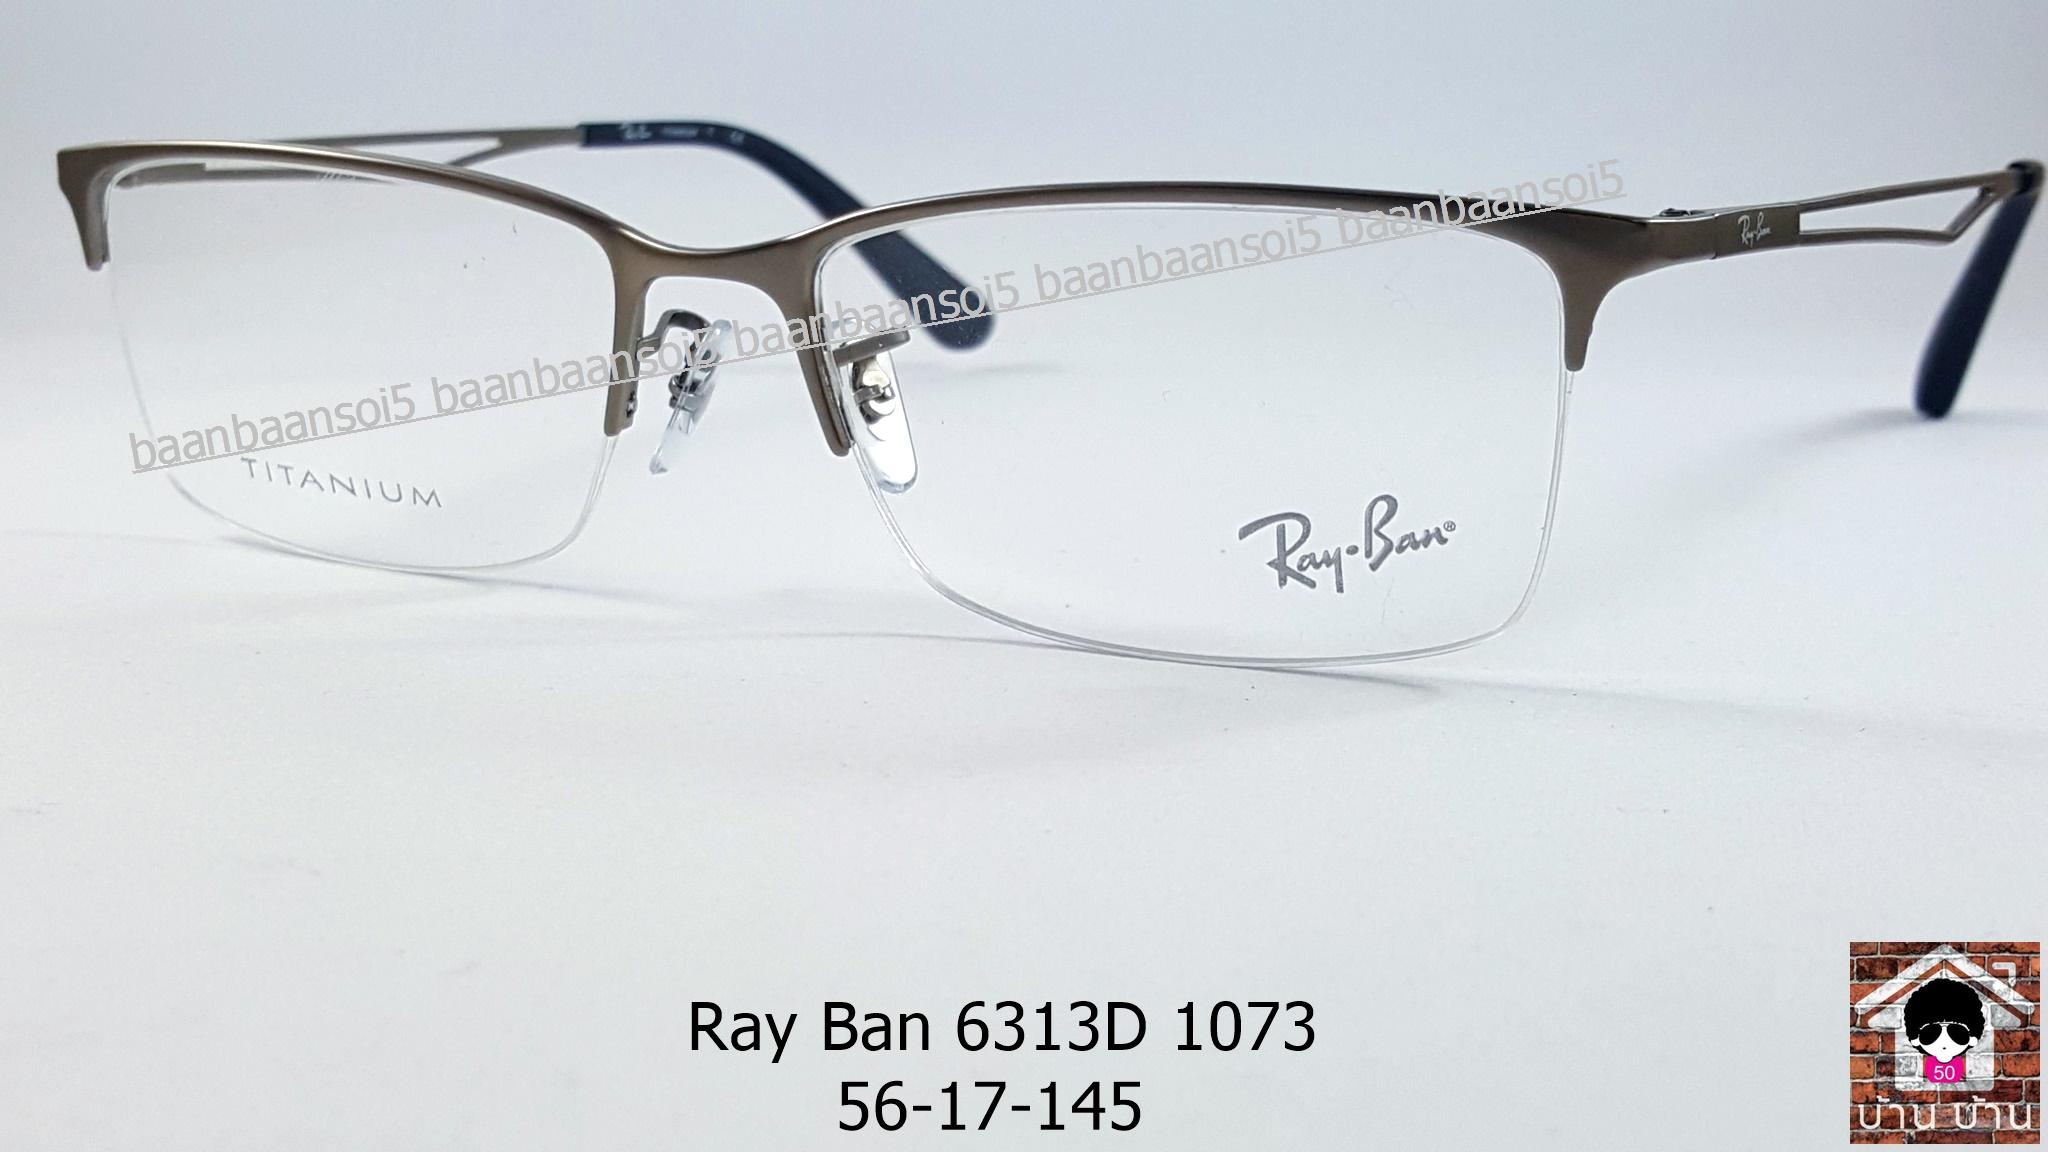 Rayban RX 6313D 1073 โปรโมชั่น กรอบแว่นตาพร้อมเลนส์ HOYA ราคา 3,800 บาท